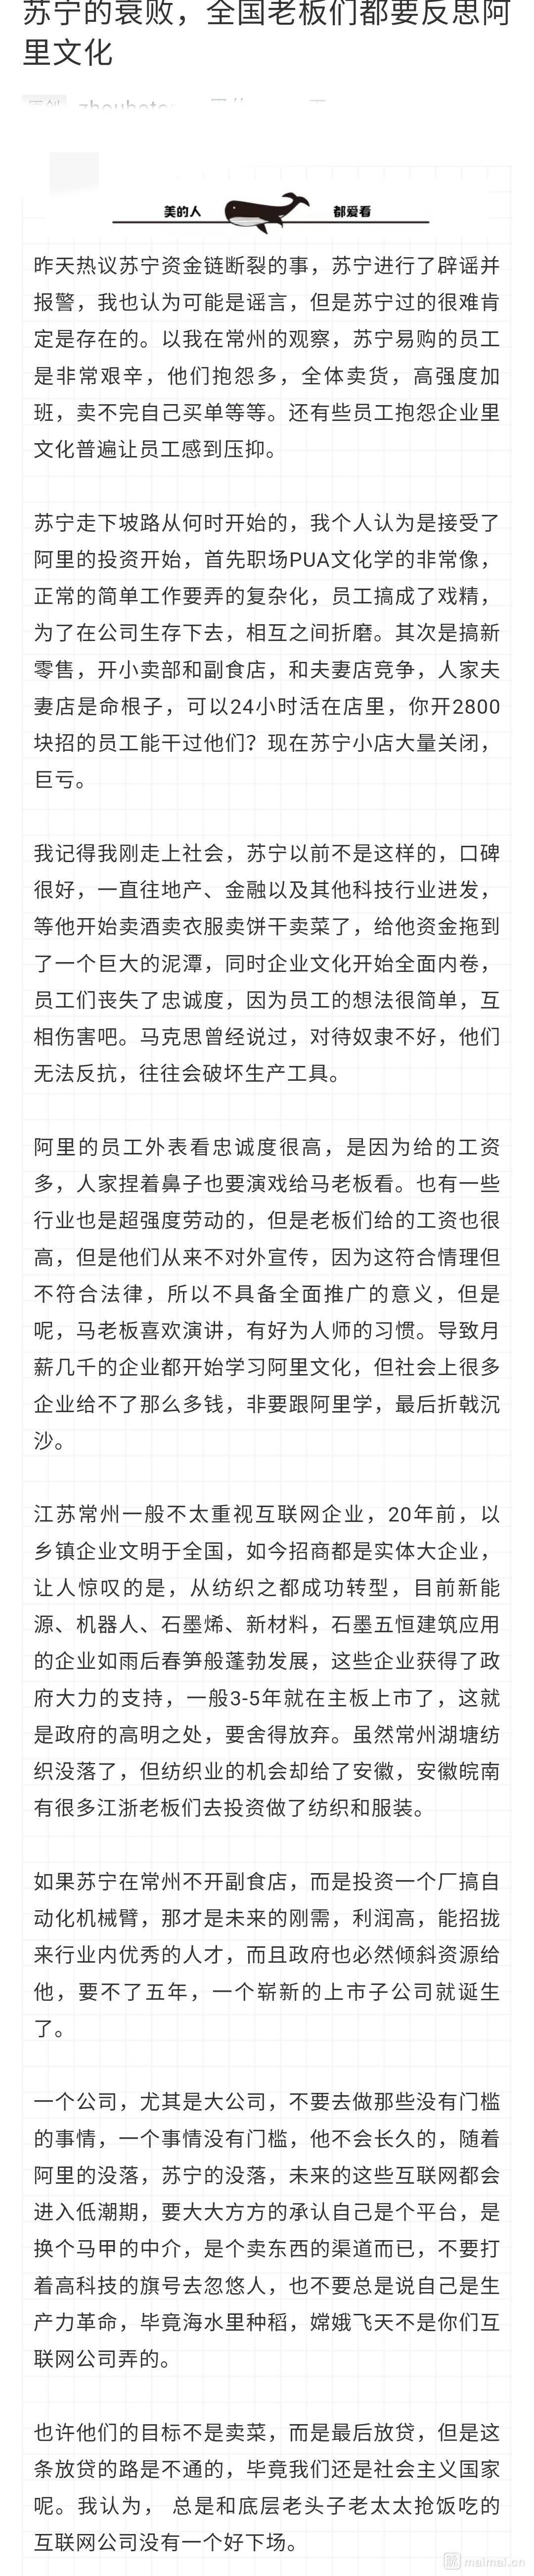 苏宁的衰败,全国老板都要反思阿里文化。奸人乔:666Jo…